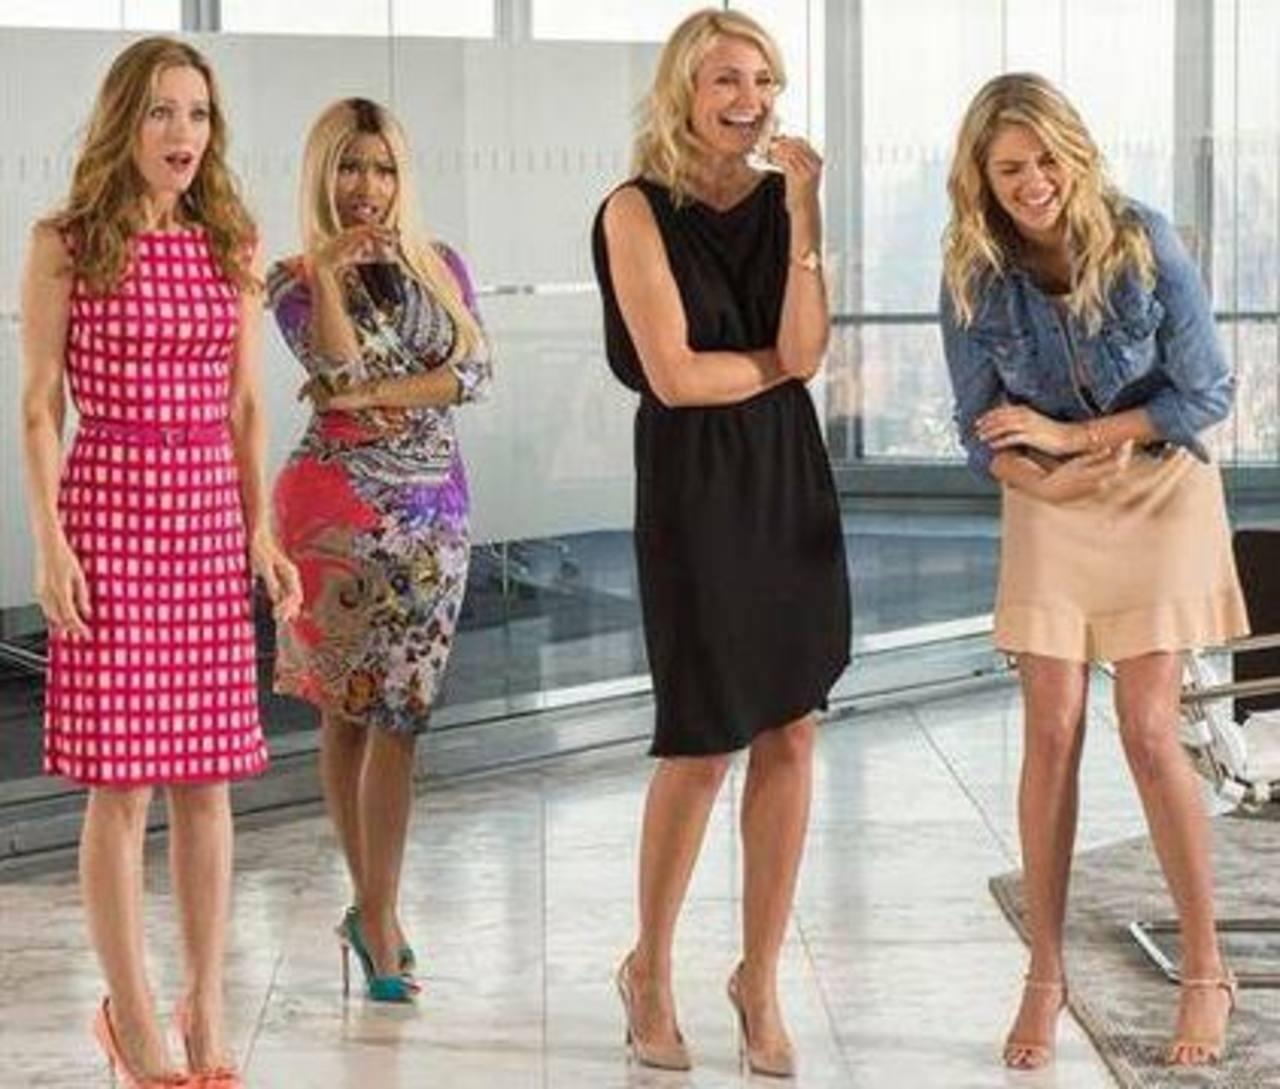 """En esta imagen de 20th Century Fox se ve a Leslie Mann, Nicki Minaj, Cameron Diaz y Kate Upton en una escena de la película """"The Other Woman""""."""